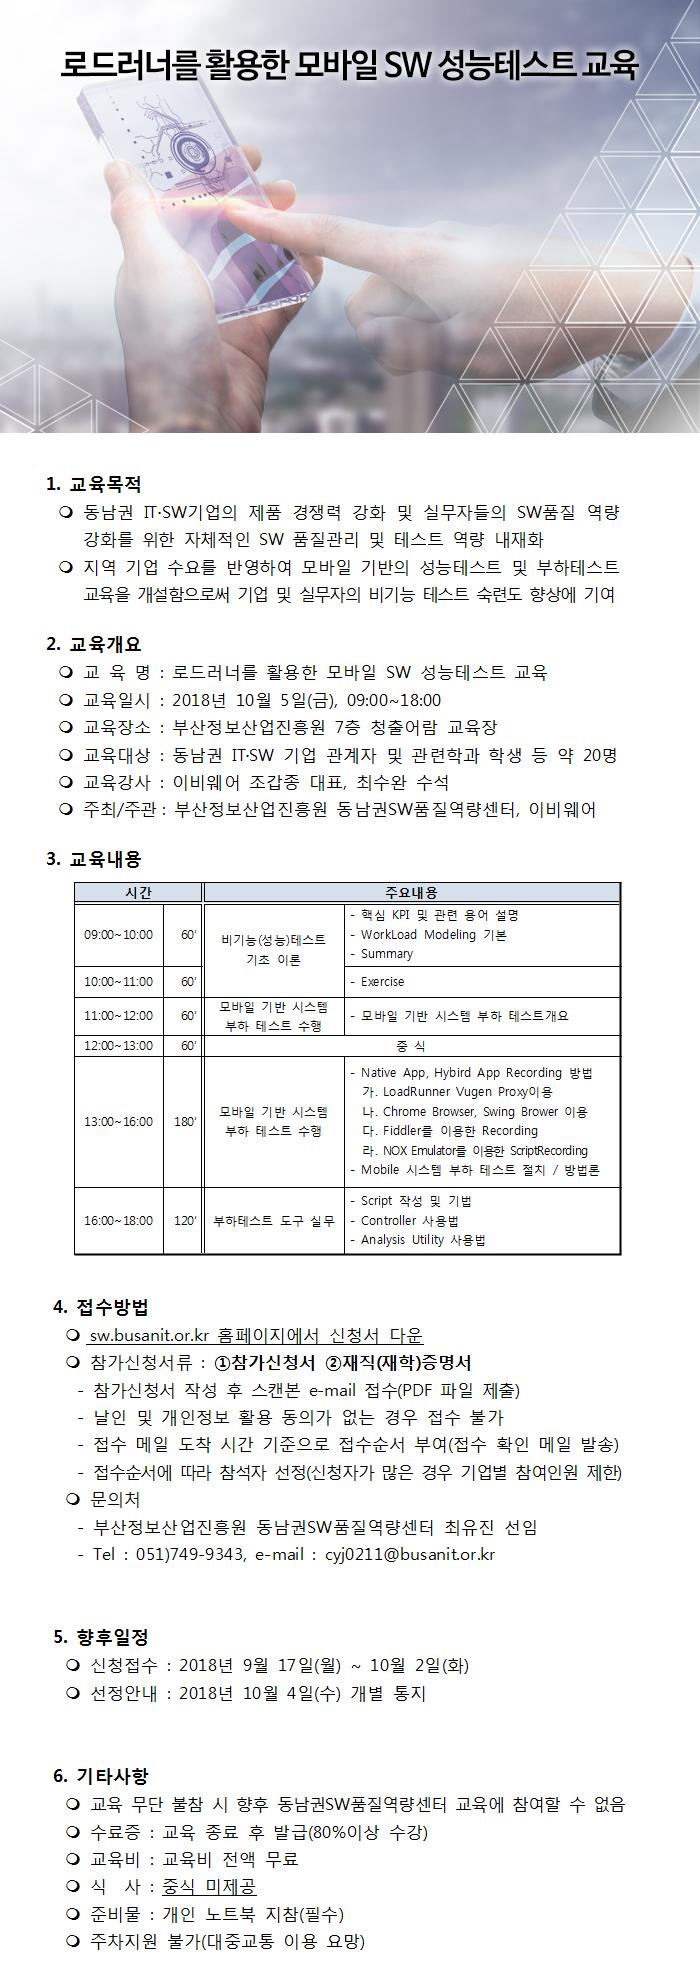 로드러너를 활용한 모바일 SW 성능테스트 교육